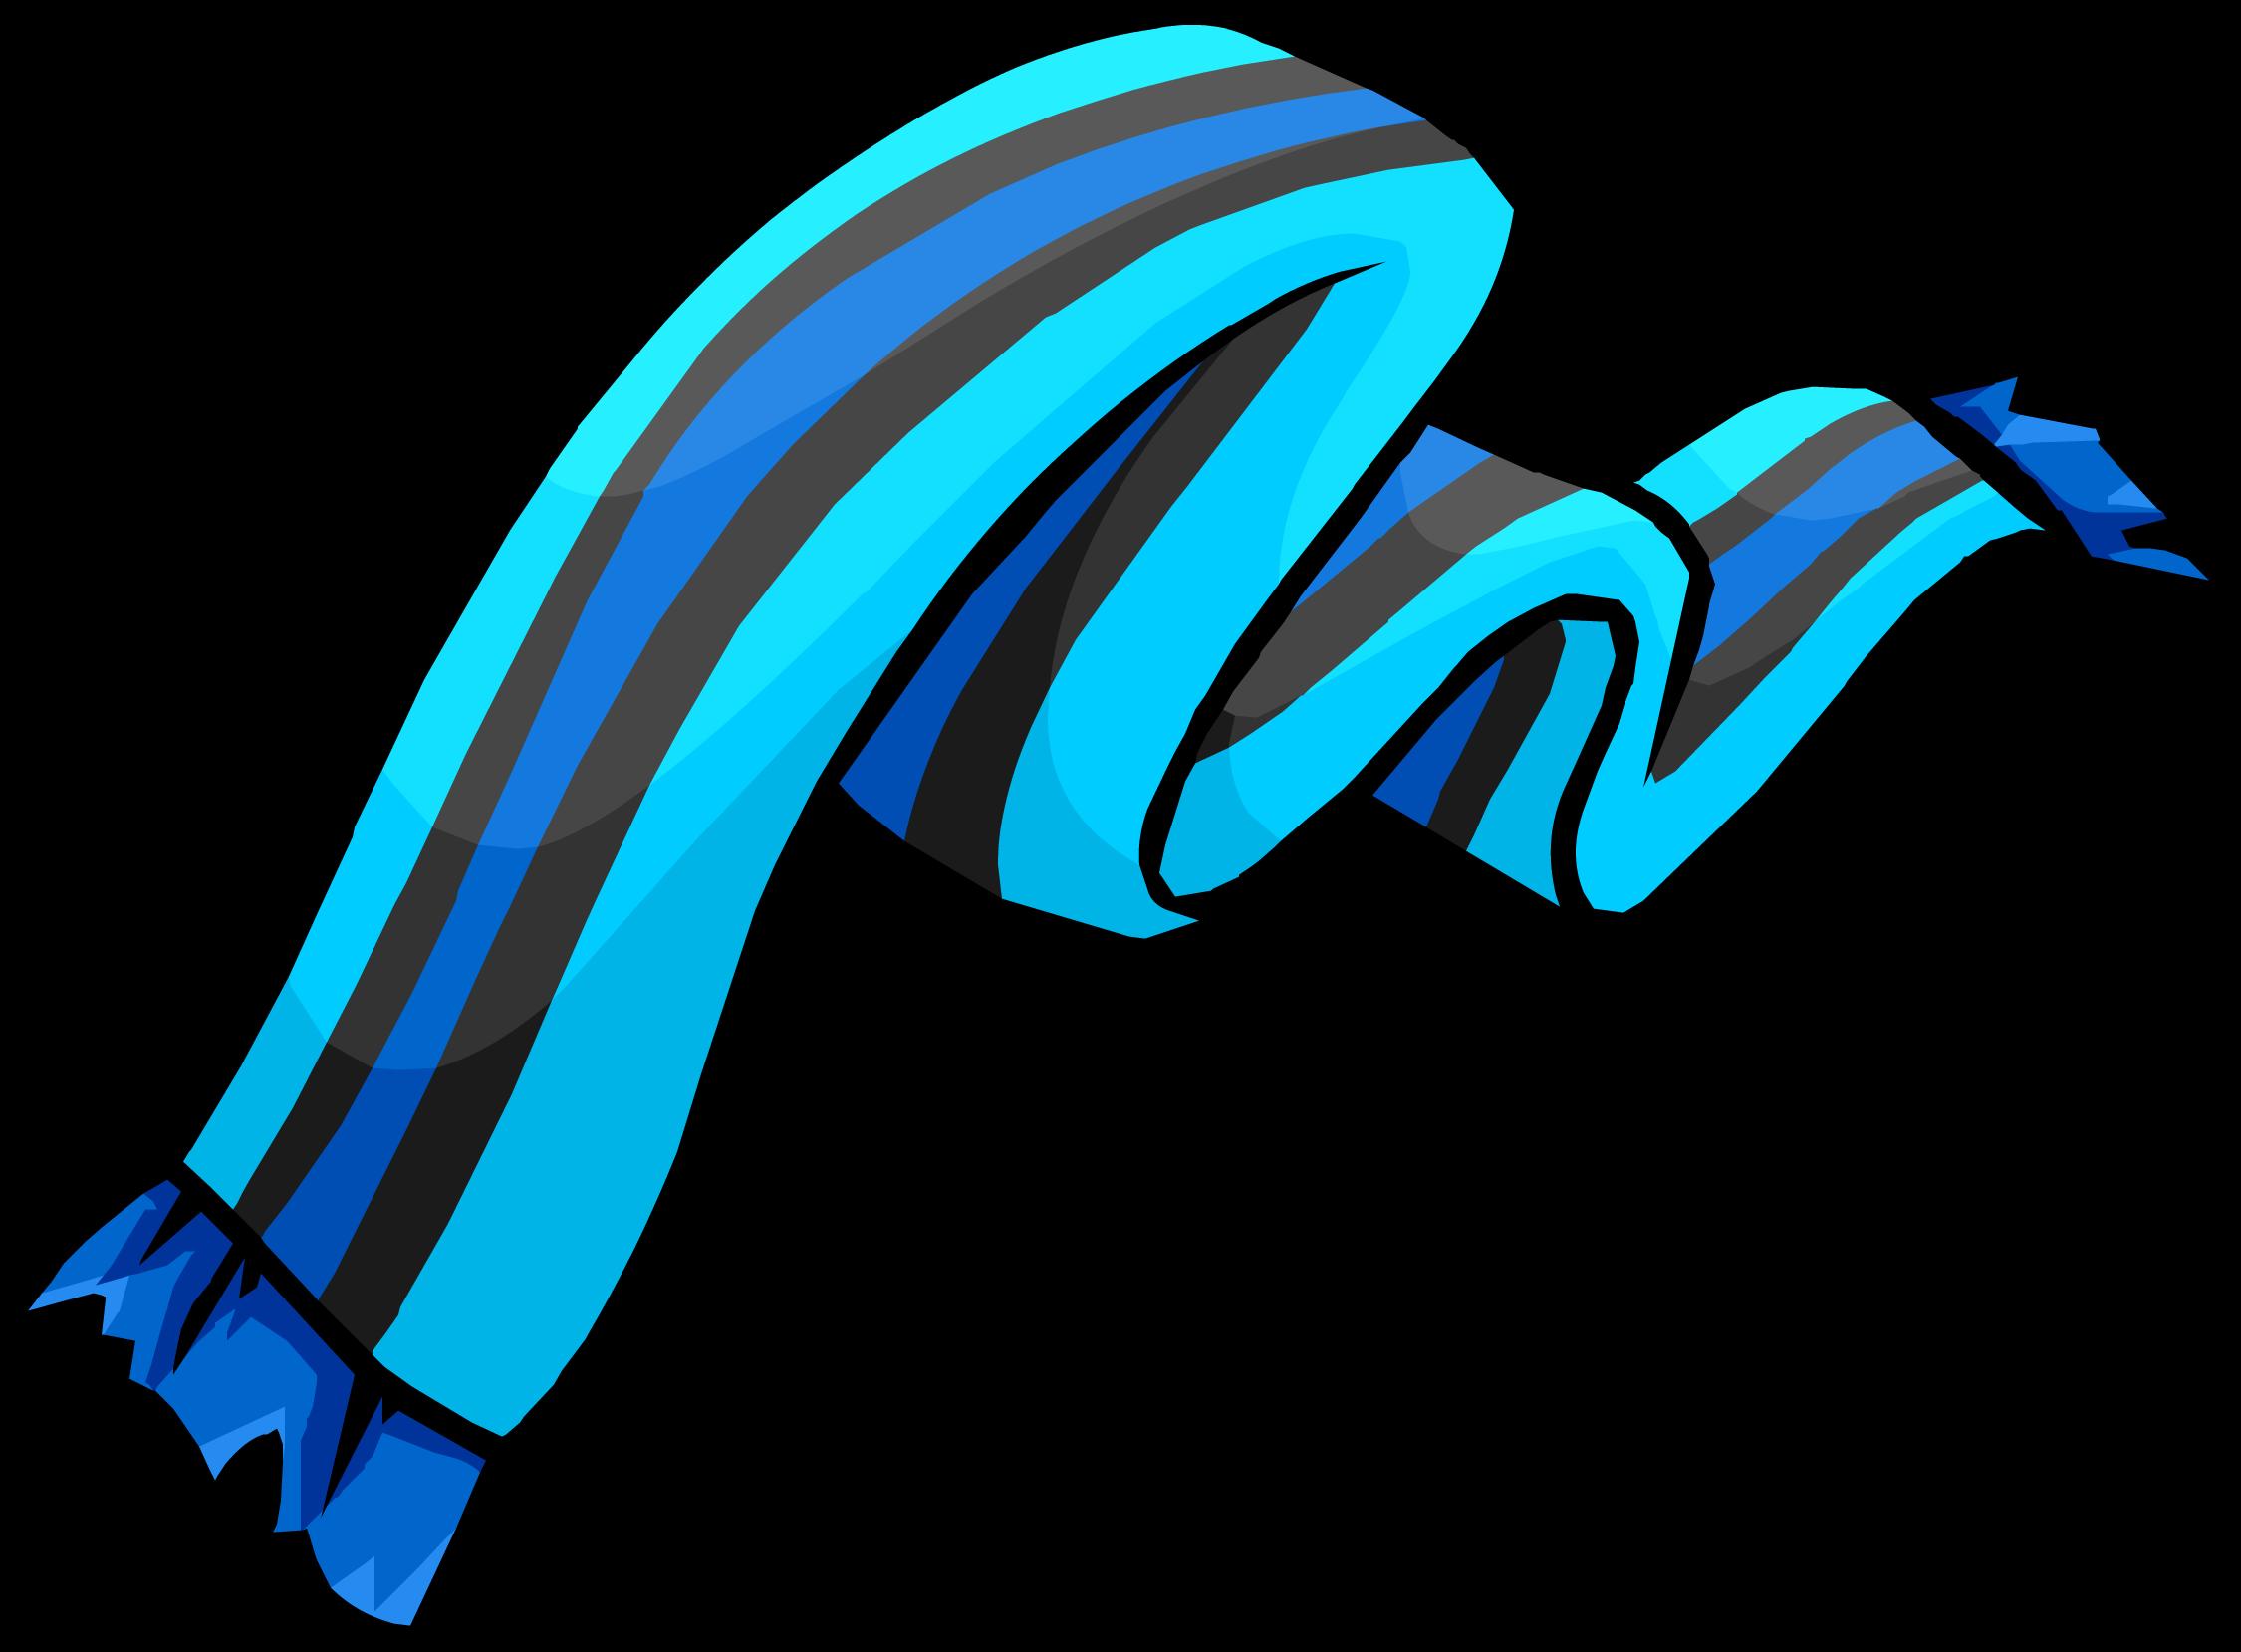 Blue Striped Scarf (ID 3012)